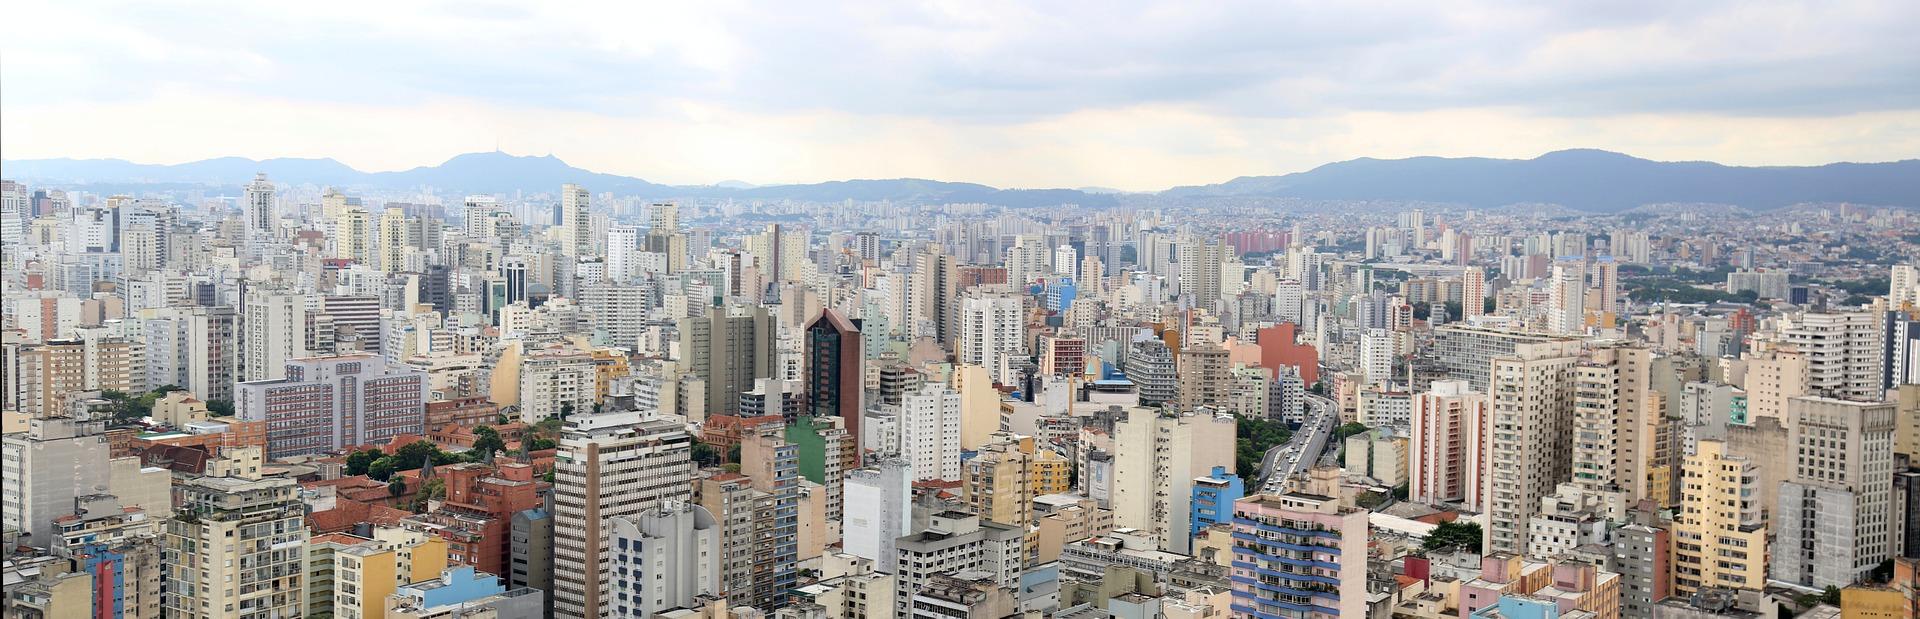 Comunidad, vivienda, ciudad y COVID-19 en Latinoamérica: Cómo salir fortalecidos